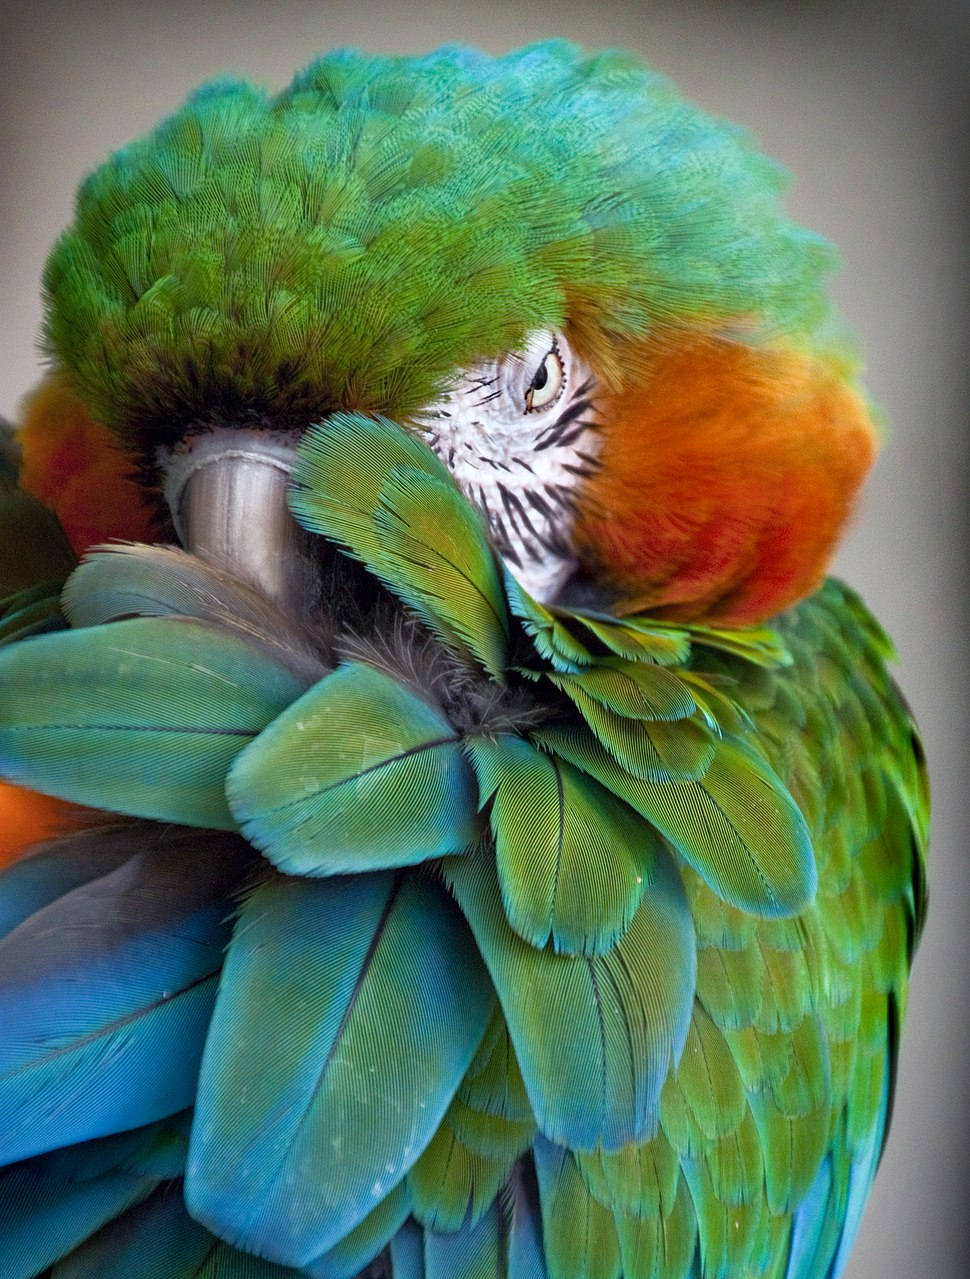 Green beauty1d (8305684500)